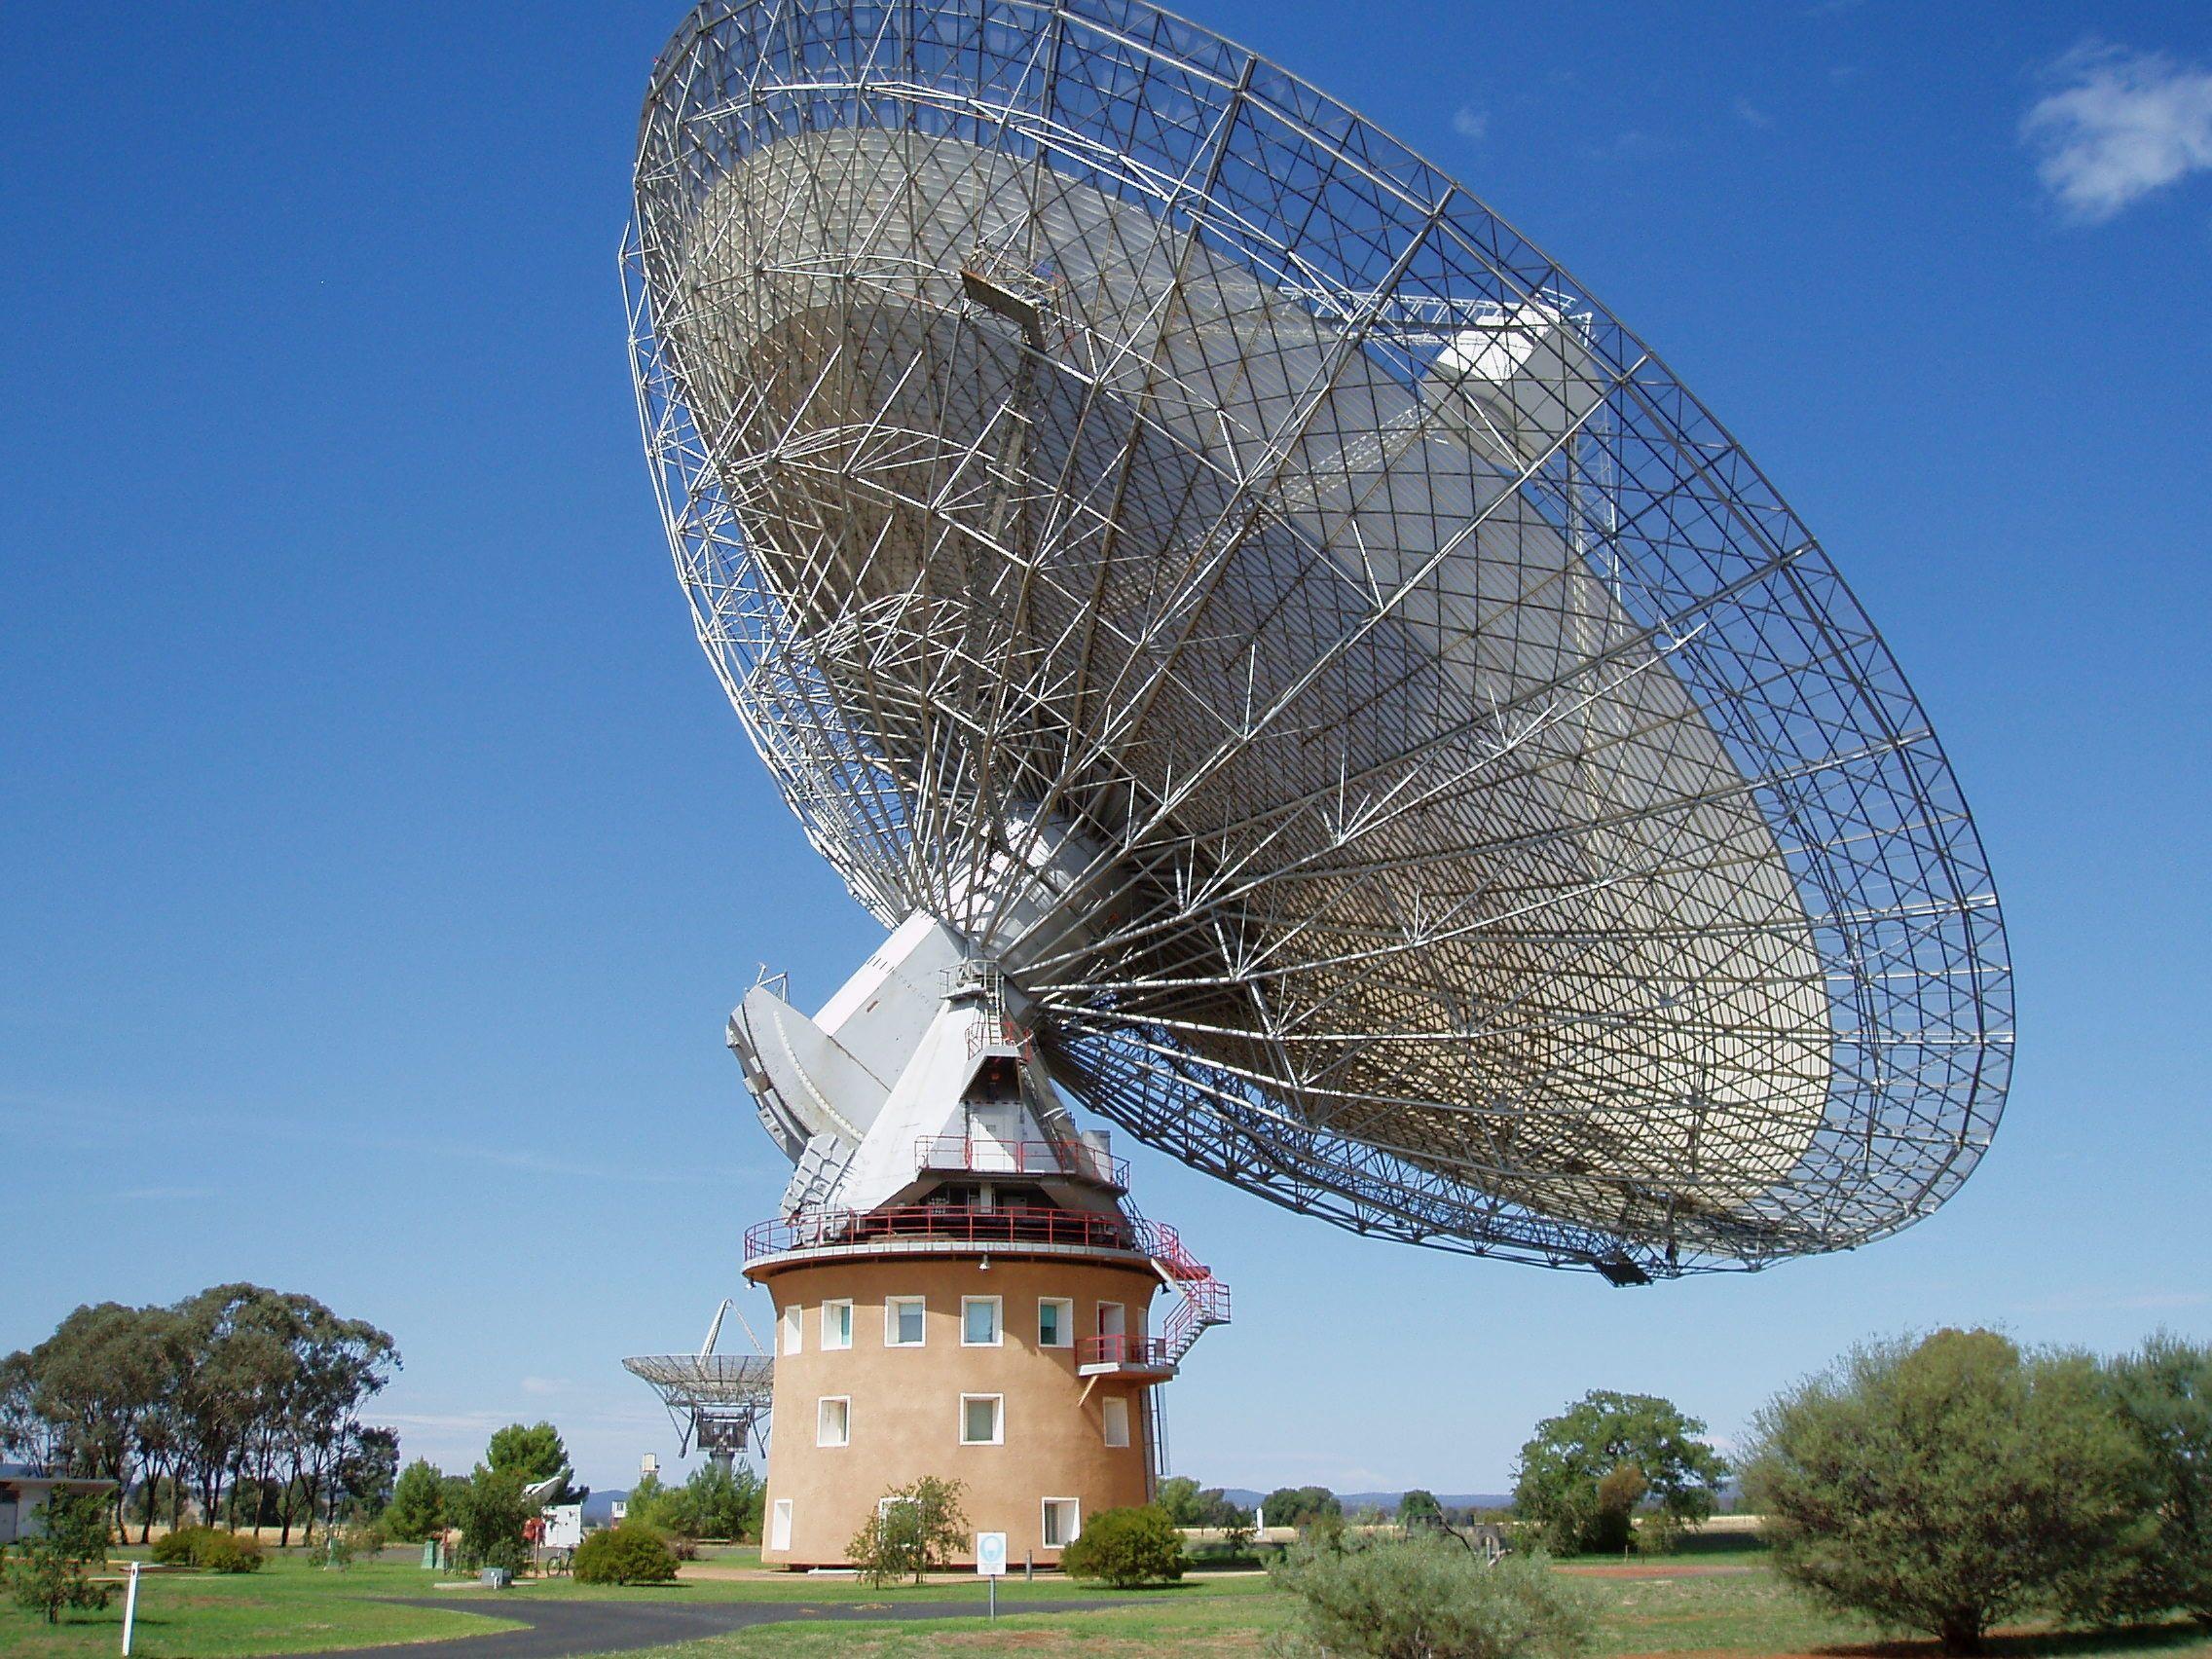 3_13_Parkes Observatory